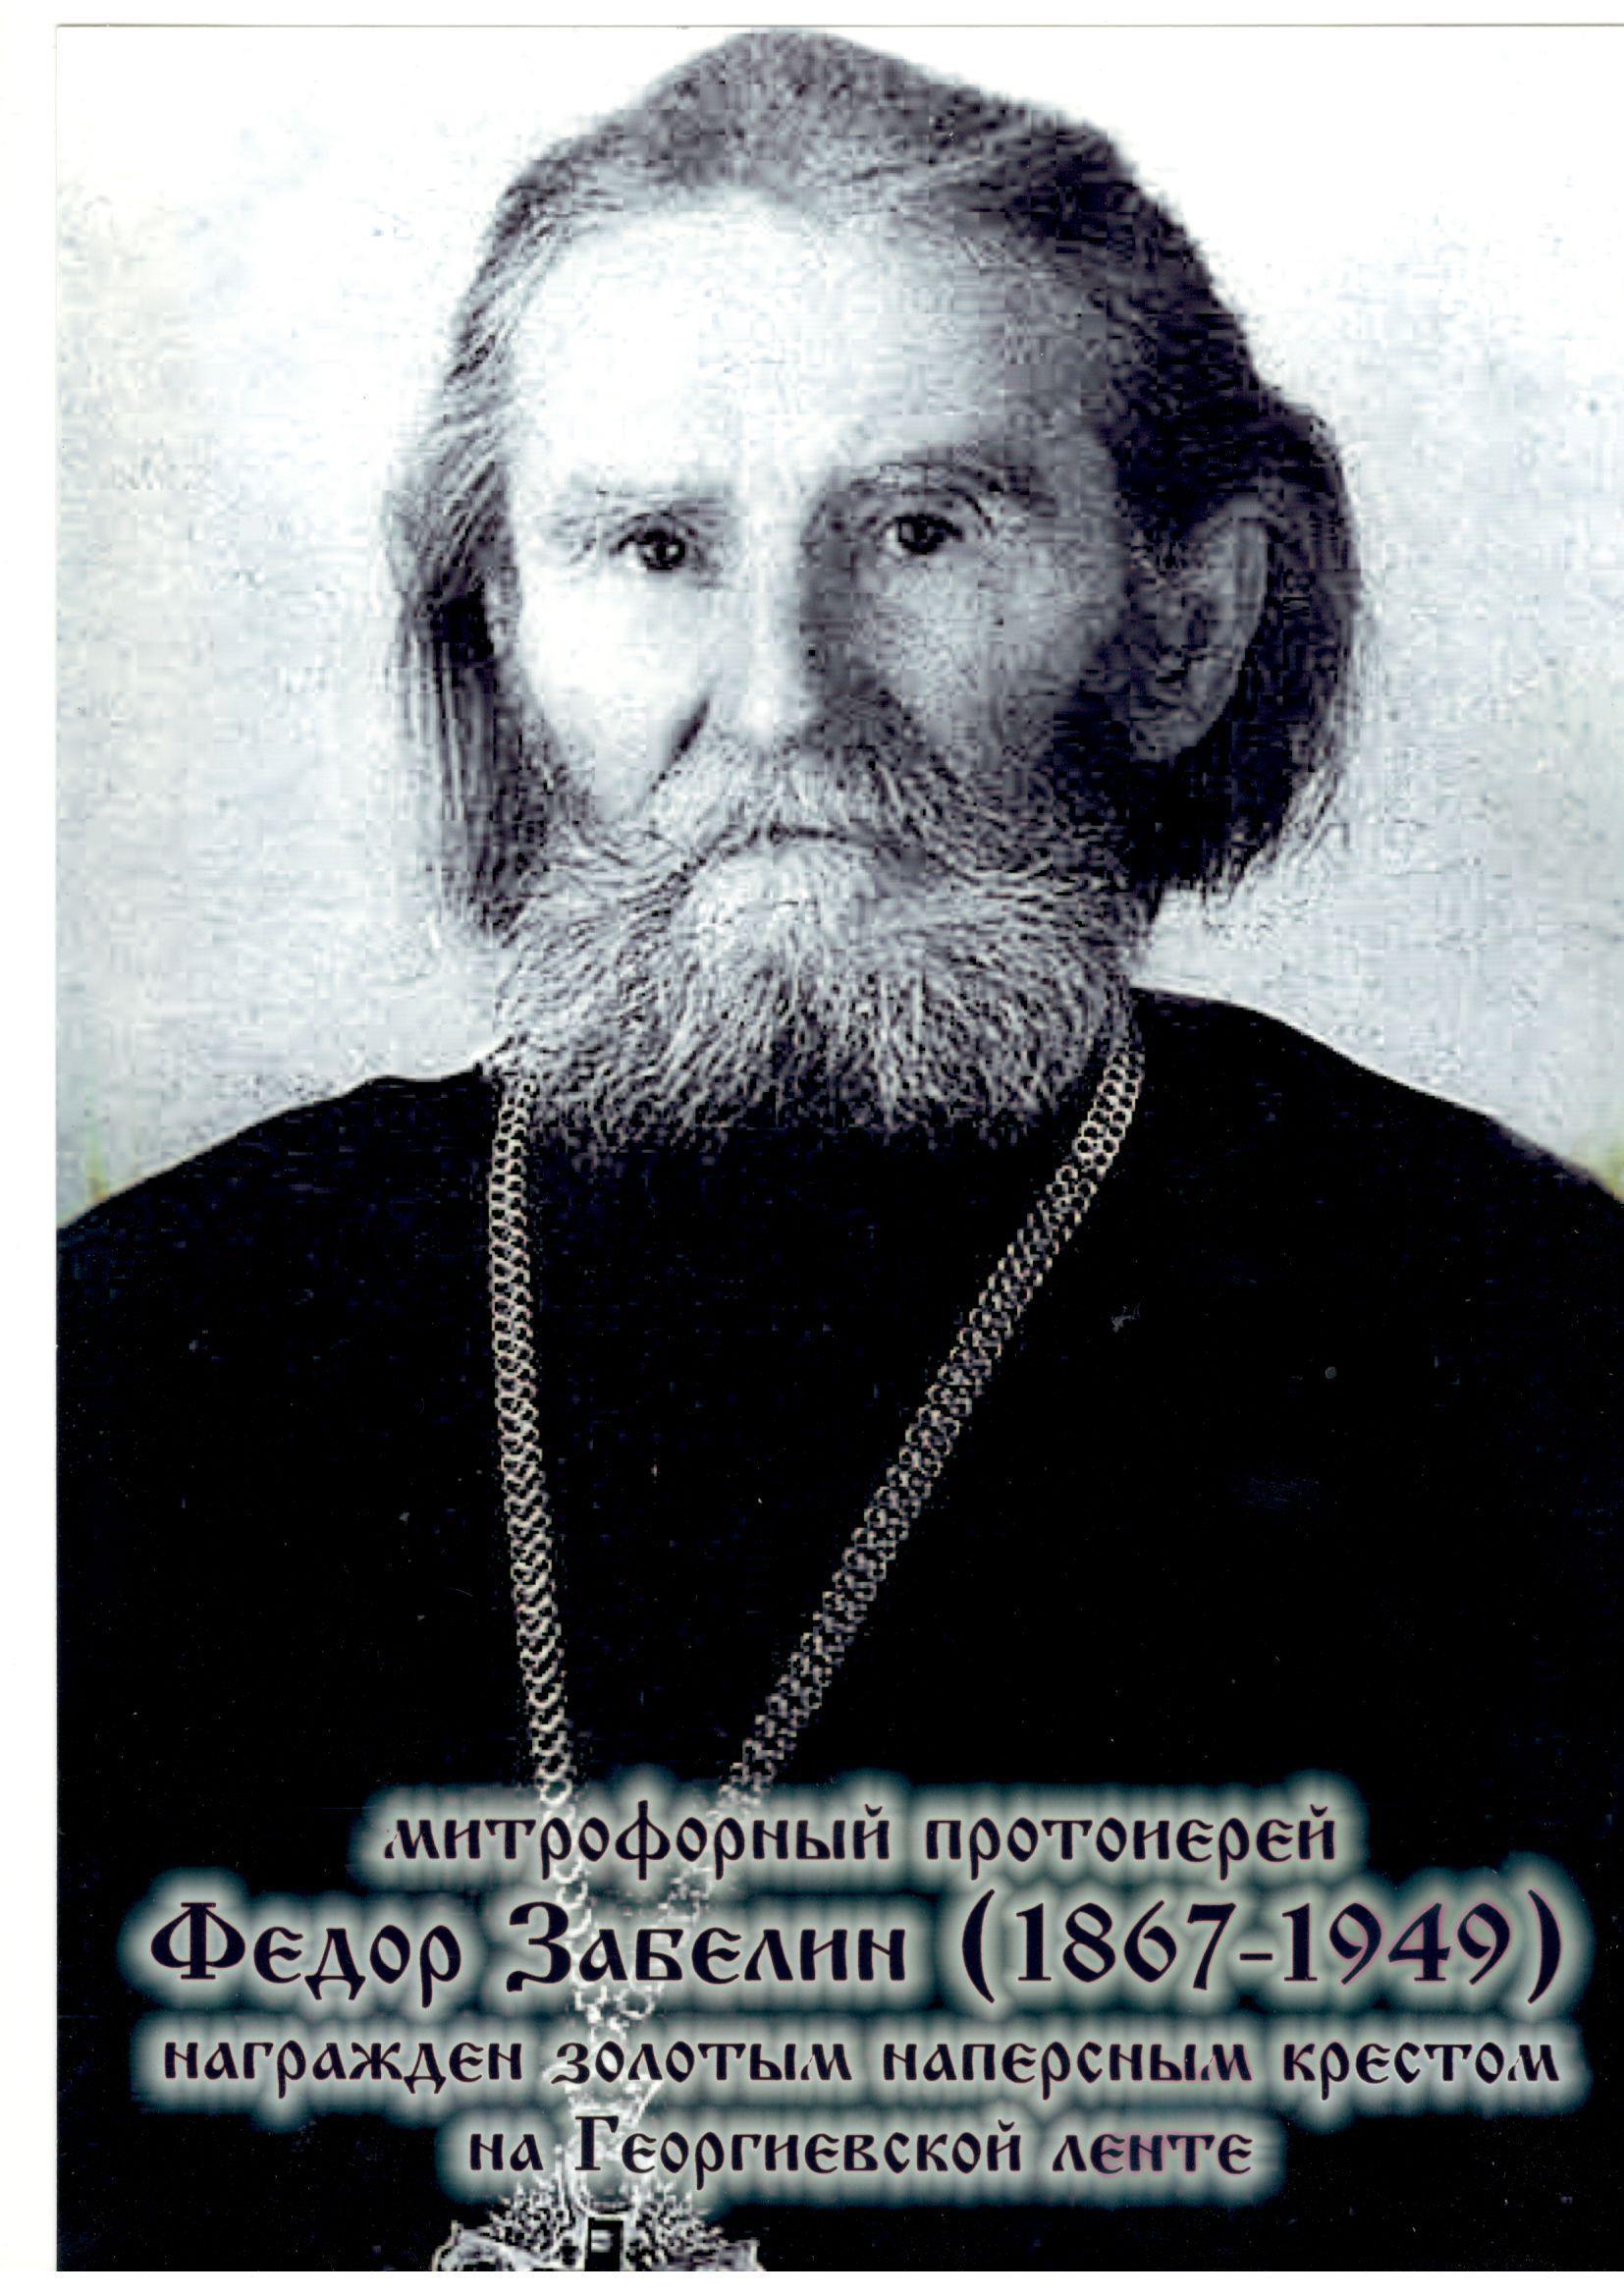 Митрофорный протоиерей Федор Забелин